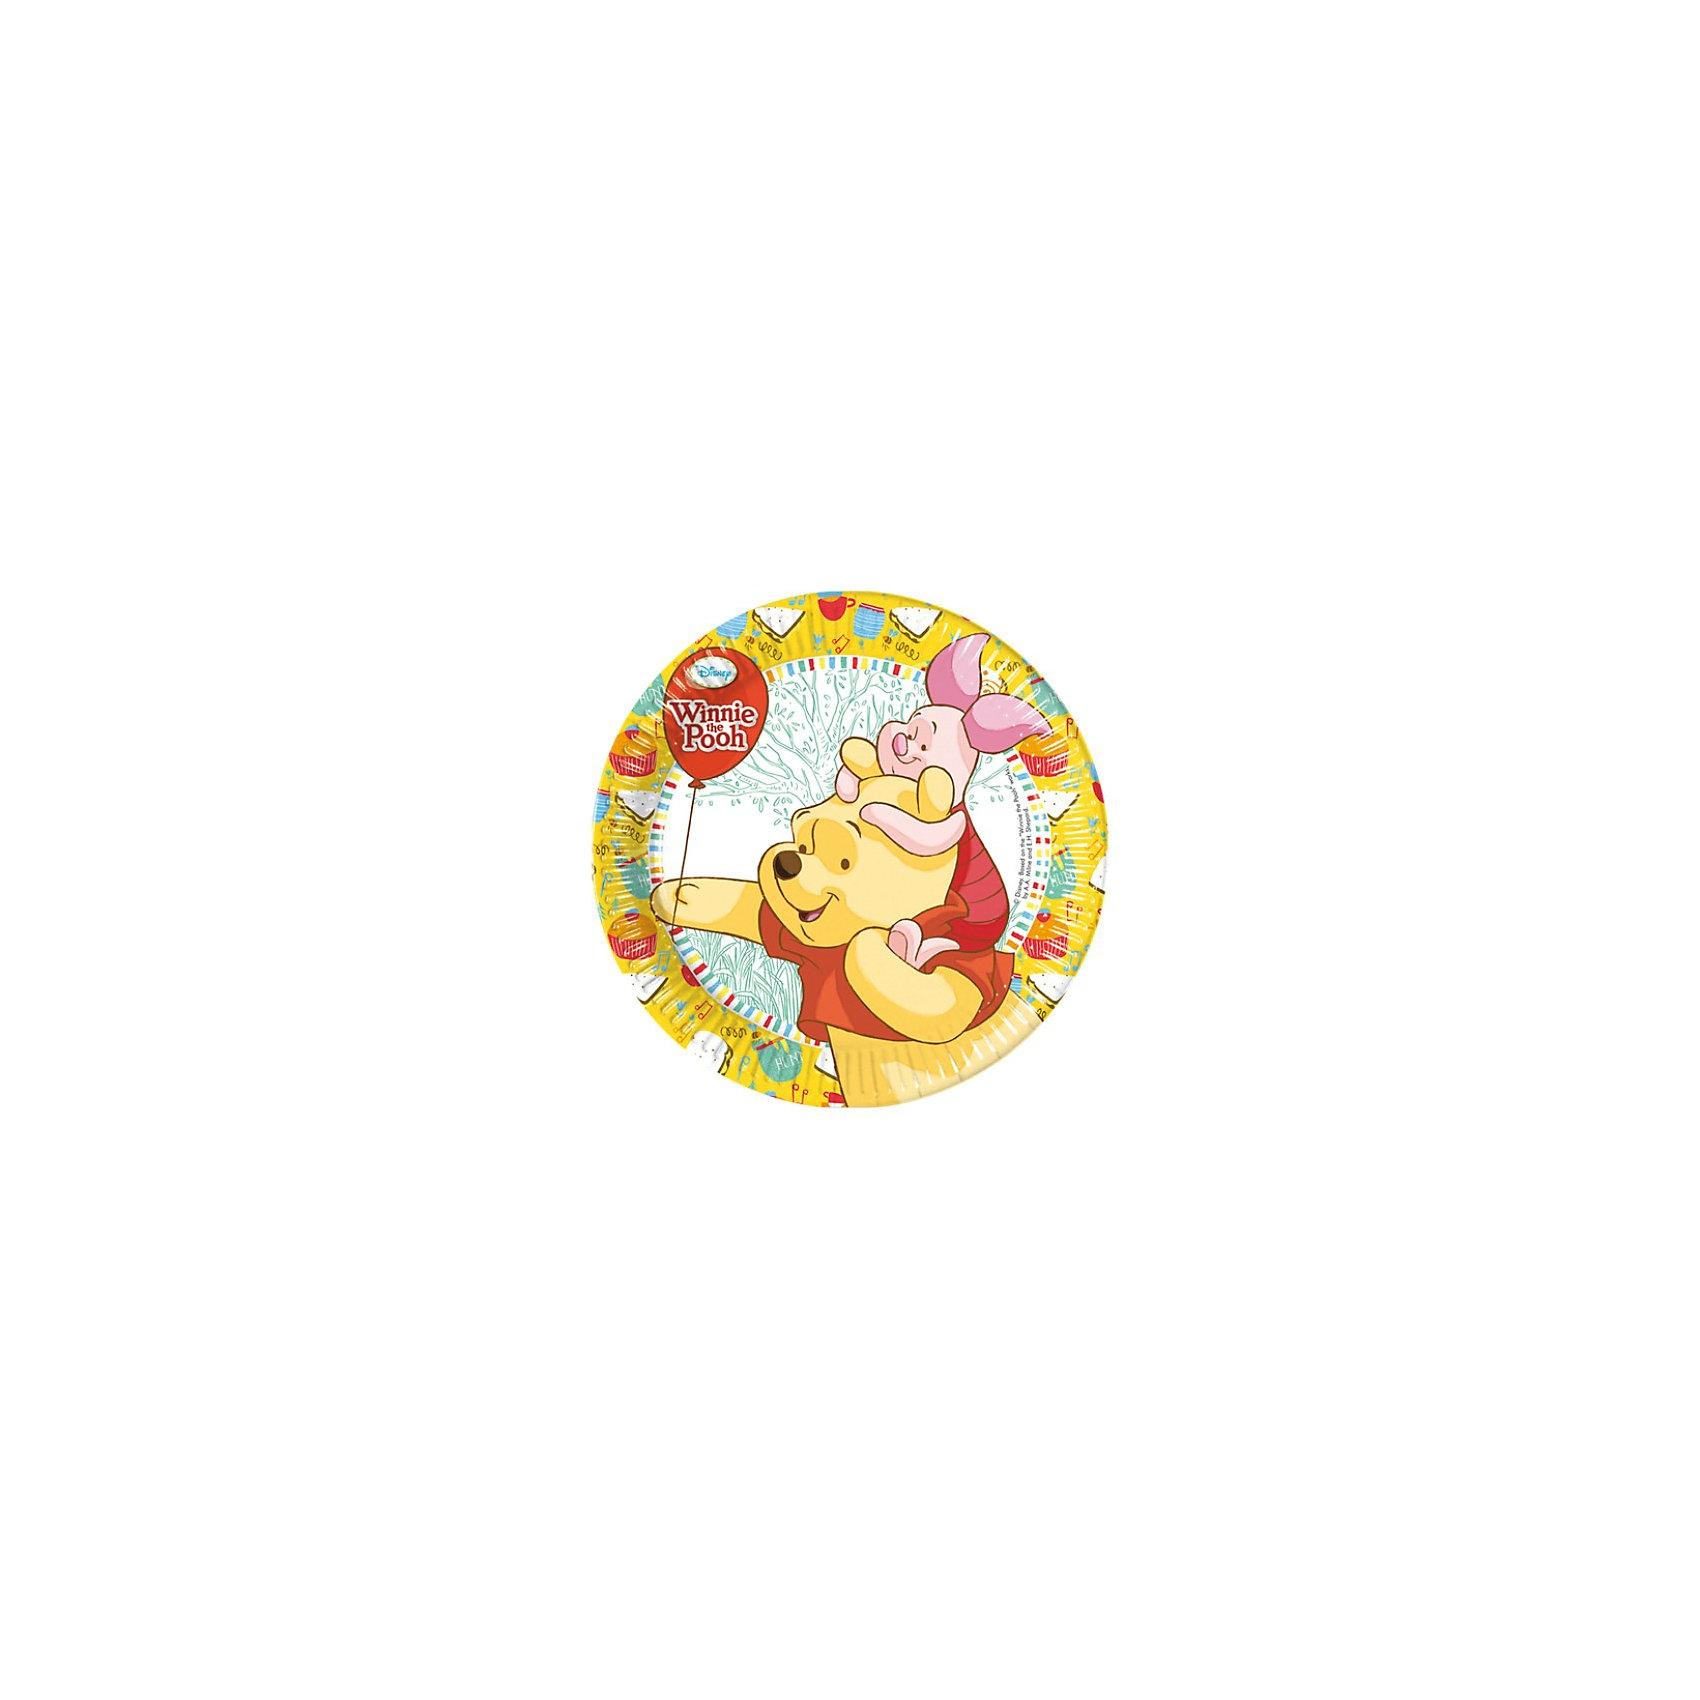 Тарелки Винни и Хрюня, 20 см, 8 шт.Тарелки Винни и Хрюня 20 см, 8 шт.<br>В набор входят 8 одноразовых тарелок диаметром 20 см с изображением любимых детских персонажей из диснеевского мультфильма и сказки про Винни-Пуха и его друга Пятачка.  <br>Такая посуда поможет оживить красками праздничный детский стол и избавит от необходимости бесконечно мыть посуду для маленьких гостей. Греческая компания Procos выпускает по лицензии Disney и других мировых брендов отличные товары для организации детских праздников, карнавалов и вечеринок. Вся продукция компании производится из безопасных и нетоксичных материалов. <br><br><br>Дополнительная информация:<br><br>200х200х20 мм<br><br>Поднимет настроение всей компании Вашего малыша!<br>Легко приобрести в нашем интернет-магазине!<br><br>Ширина мм: 200<br>Глубина мм: 200<br>Высота мм: 20<br>Вес г: 140<br>Возраст от месяцев: 36<br>Возраст до месяцев: 84<br>Пол: Унисекс<br>Возраст: Детский<br>SKU: 3360111